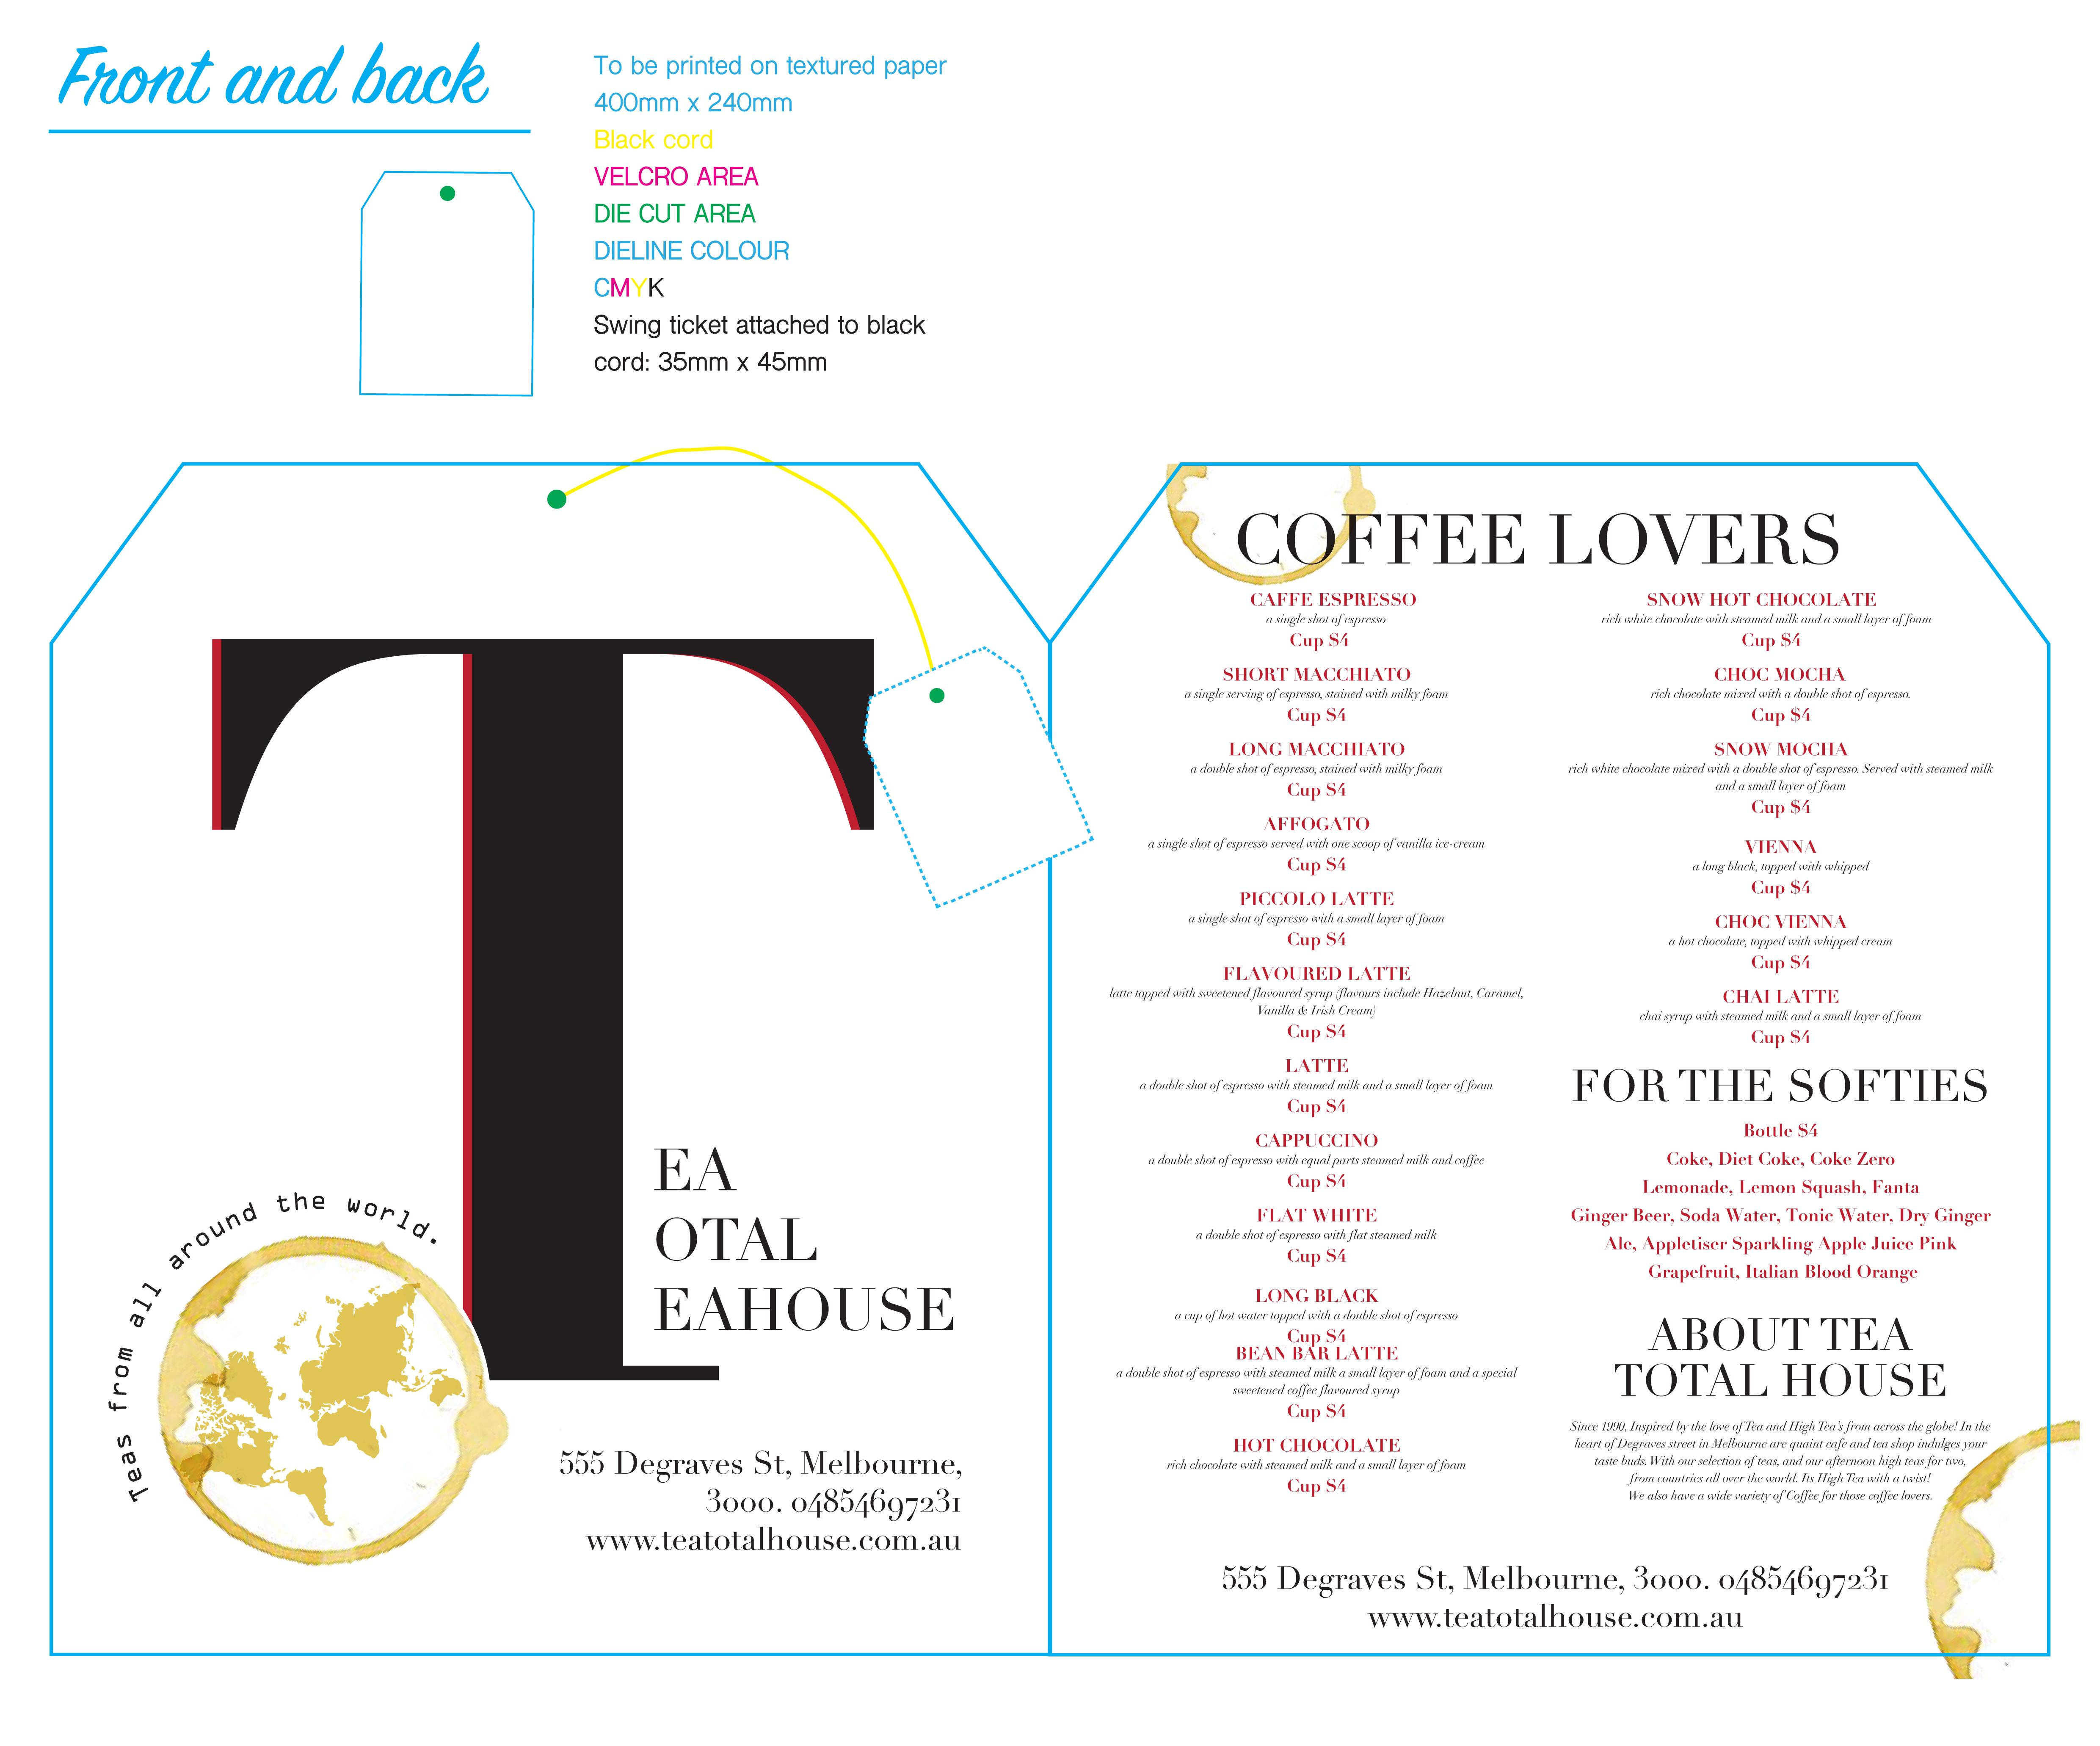 Teatotalteahouse-2fold menu 2-1